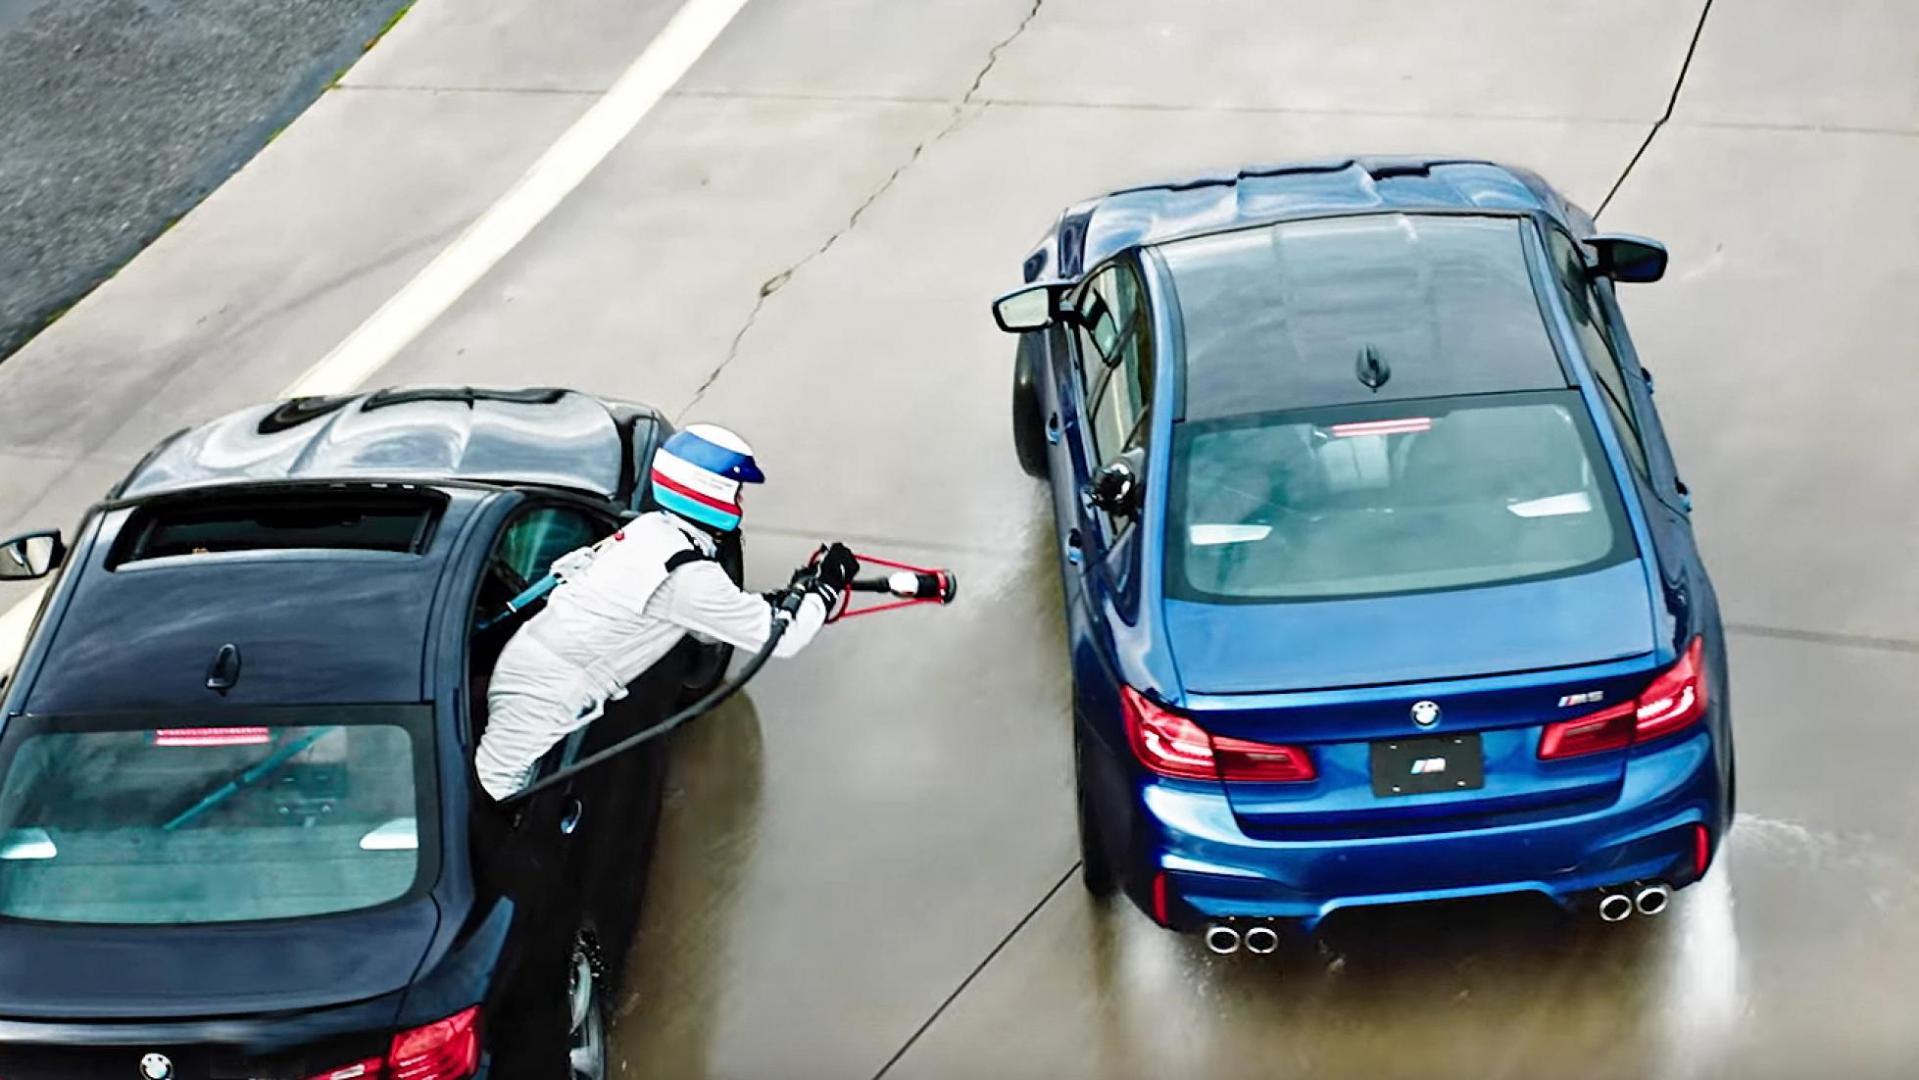 BMW M5 tanken tijdens het driften